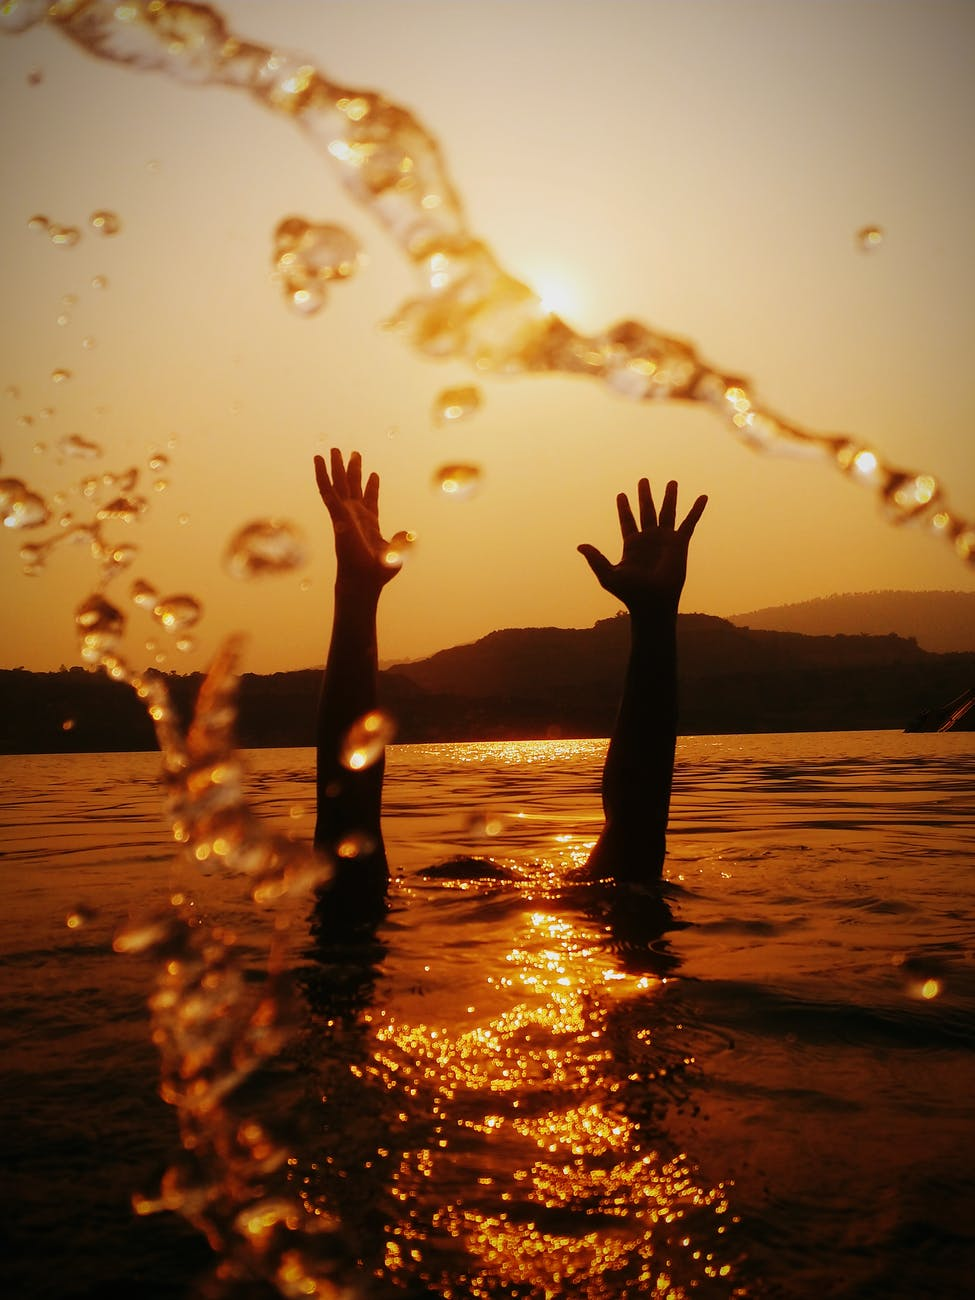 Mielec. Dwójka nastolatków omal nie utonęła w rzece. Uciekali przed policyjną interwencją - Zdjęcie główne